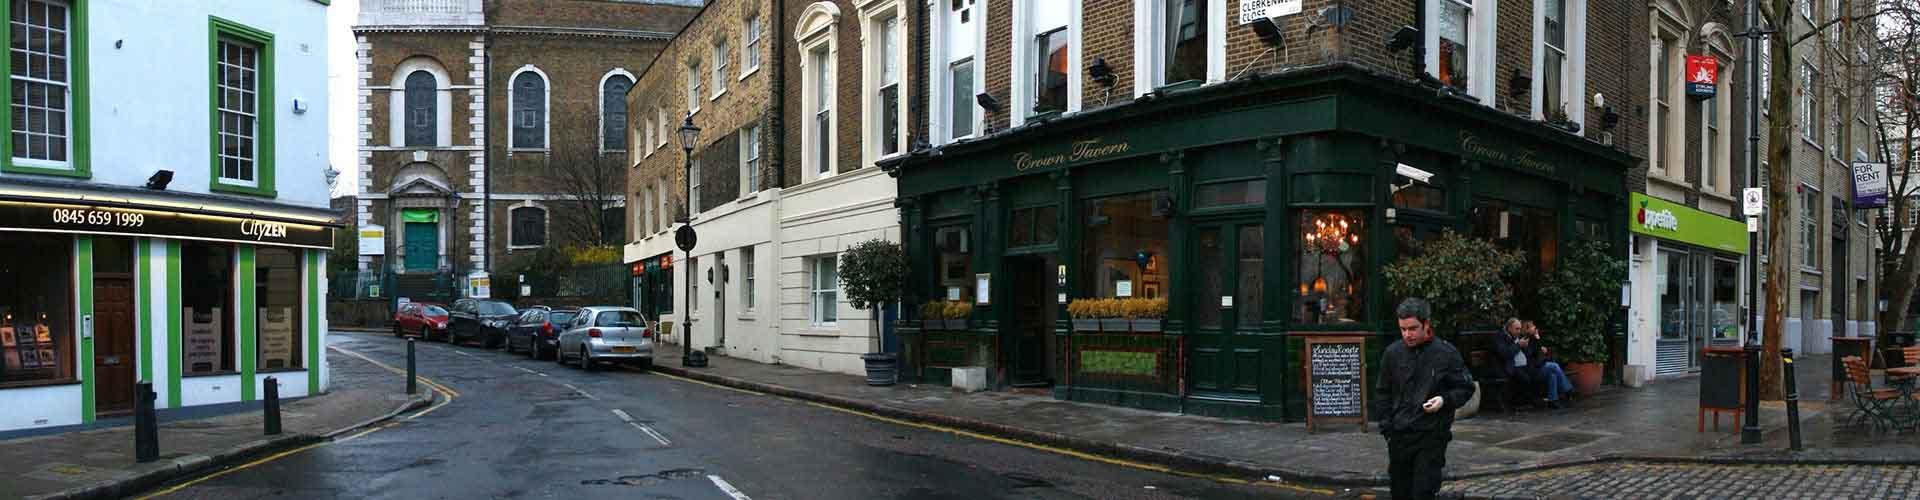 Londres - Hoteles baratos en el distrito Clerkenwell. Mapas de Londres, Fotos y comentarios de cada Hotel barato en Londres.